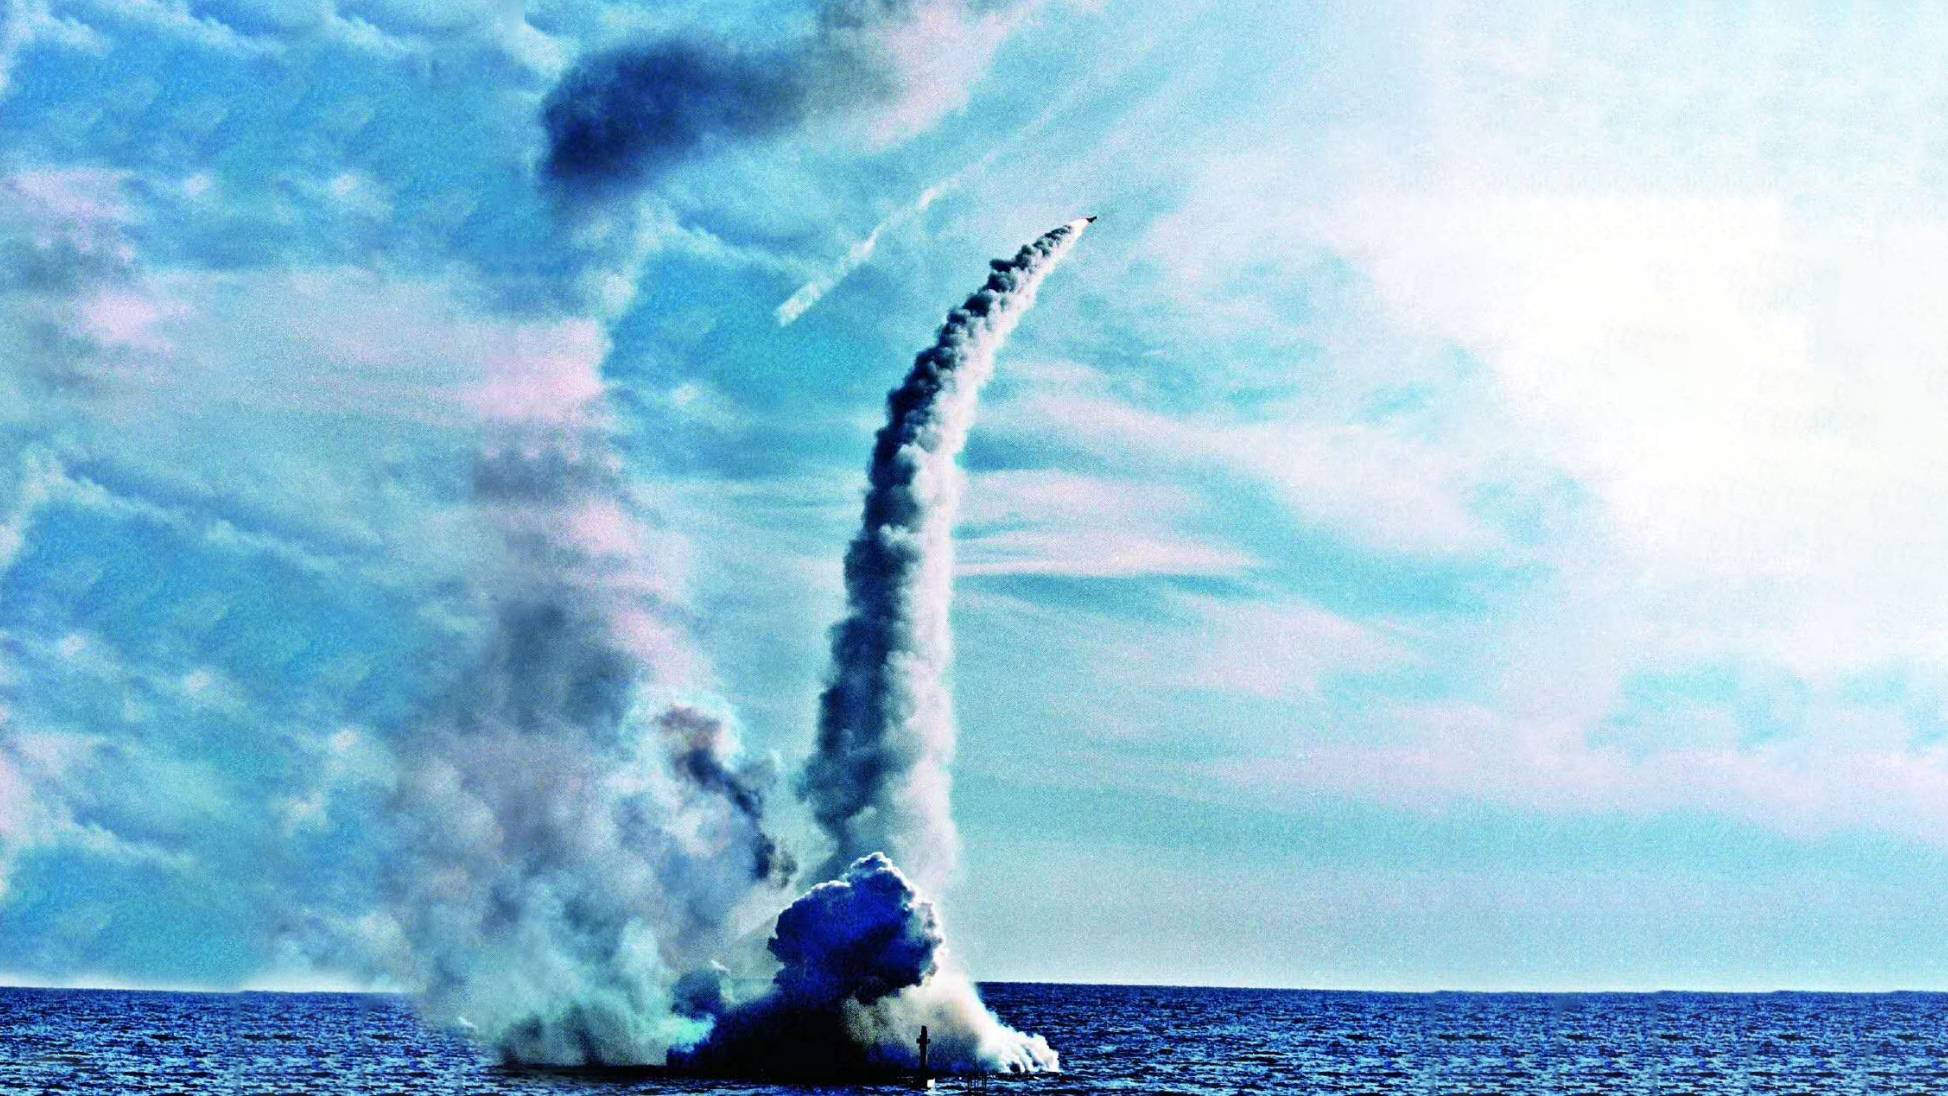 中国再次试射巨浪3潜射导弹:射程1.2万公里覆盖美国全境